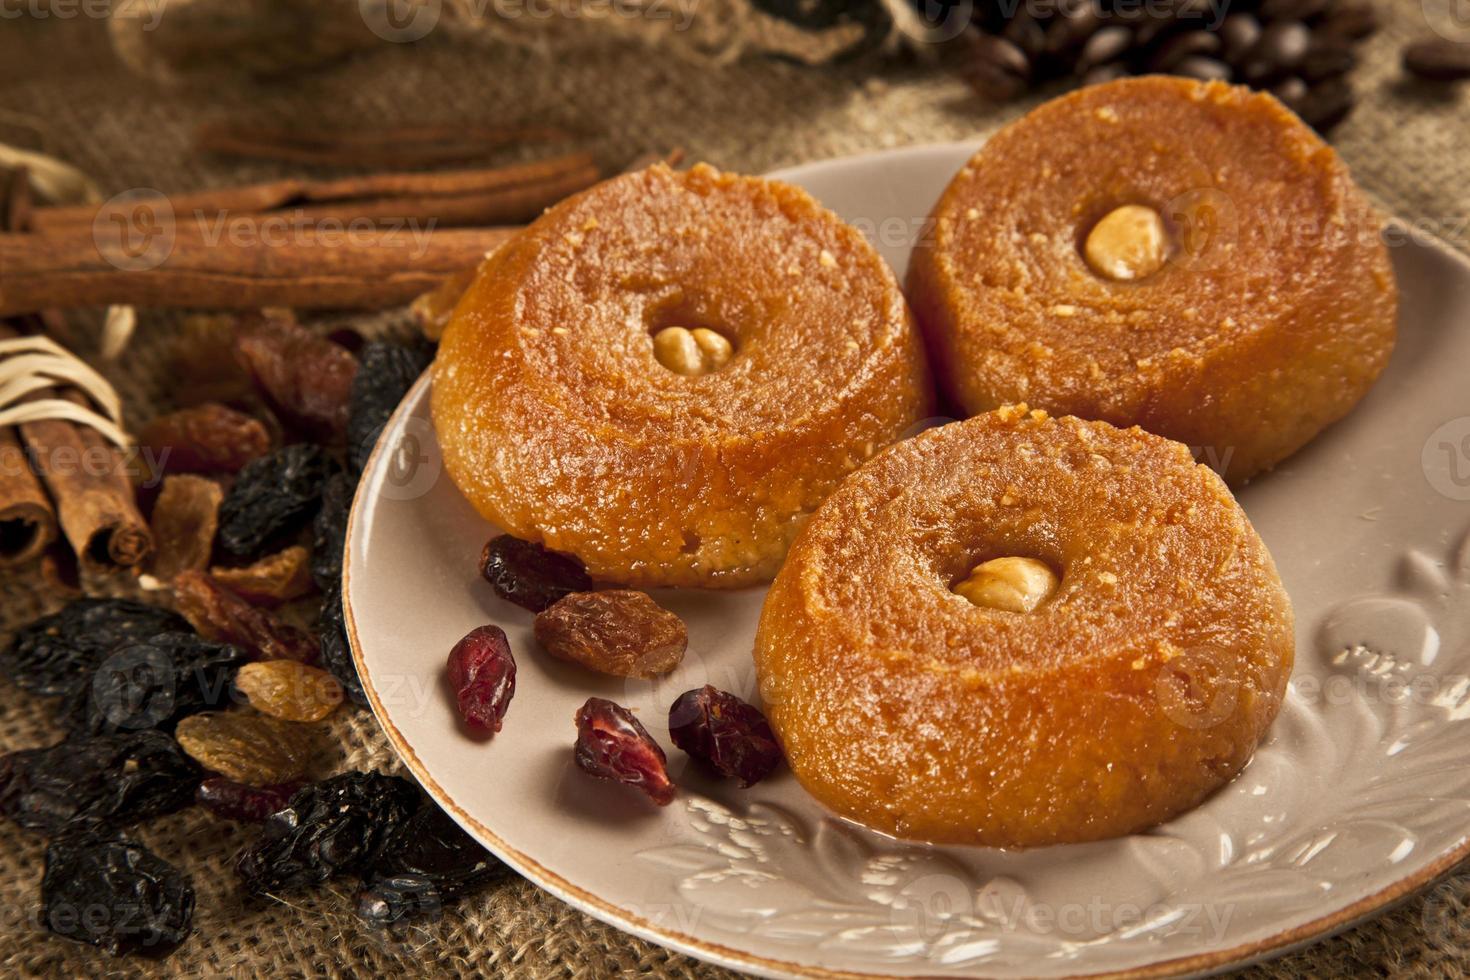 Turks ramadan snoepje - Sekerpare met houten achtergrond foto